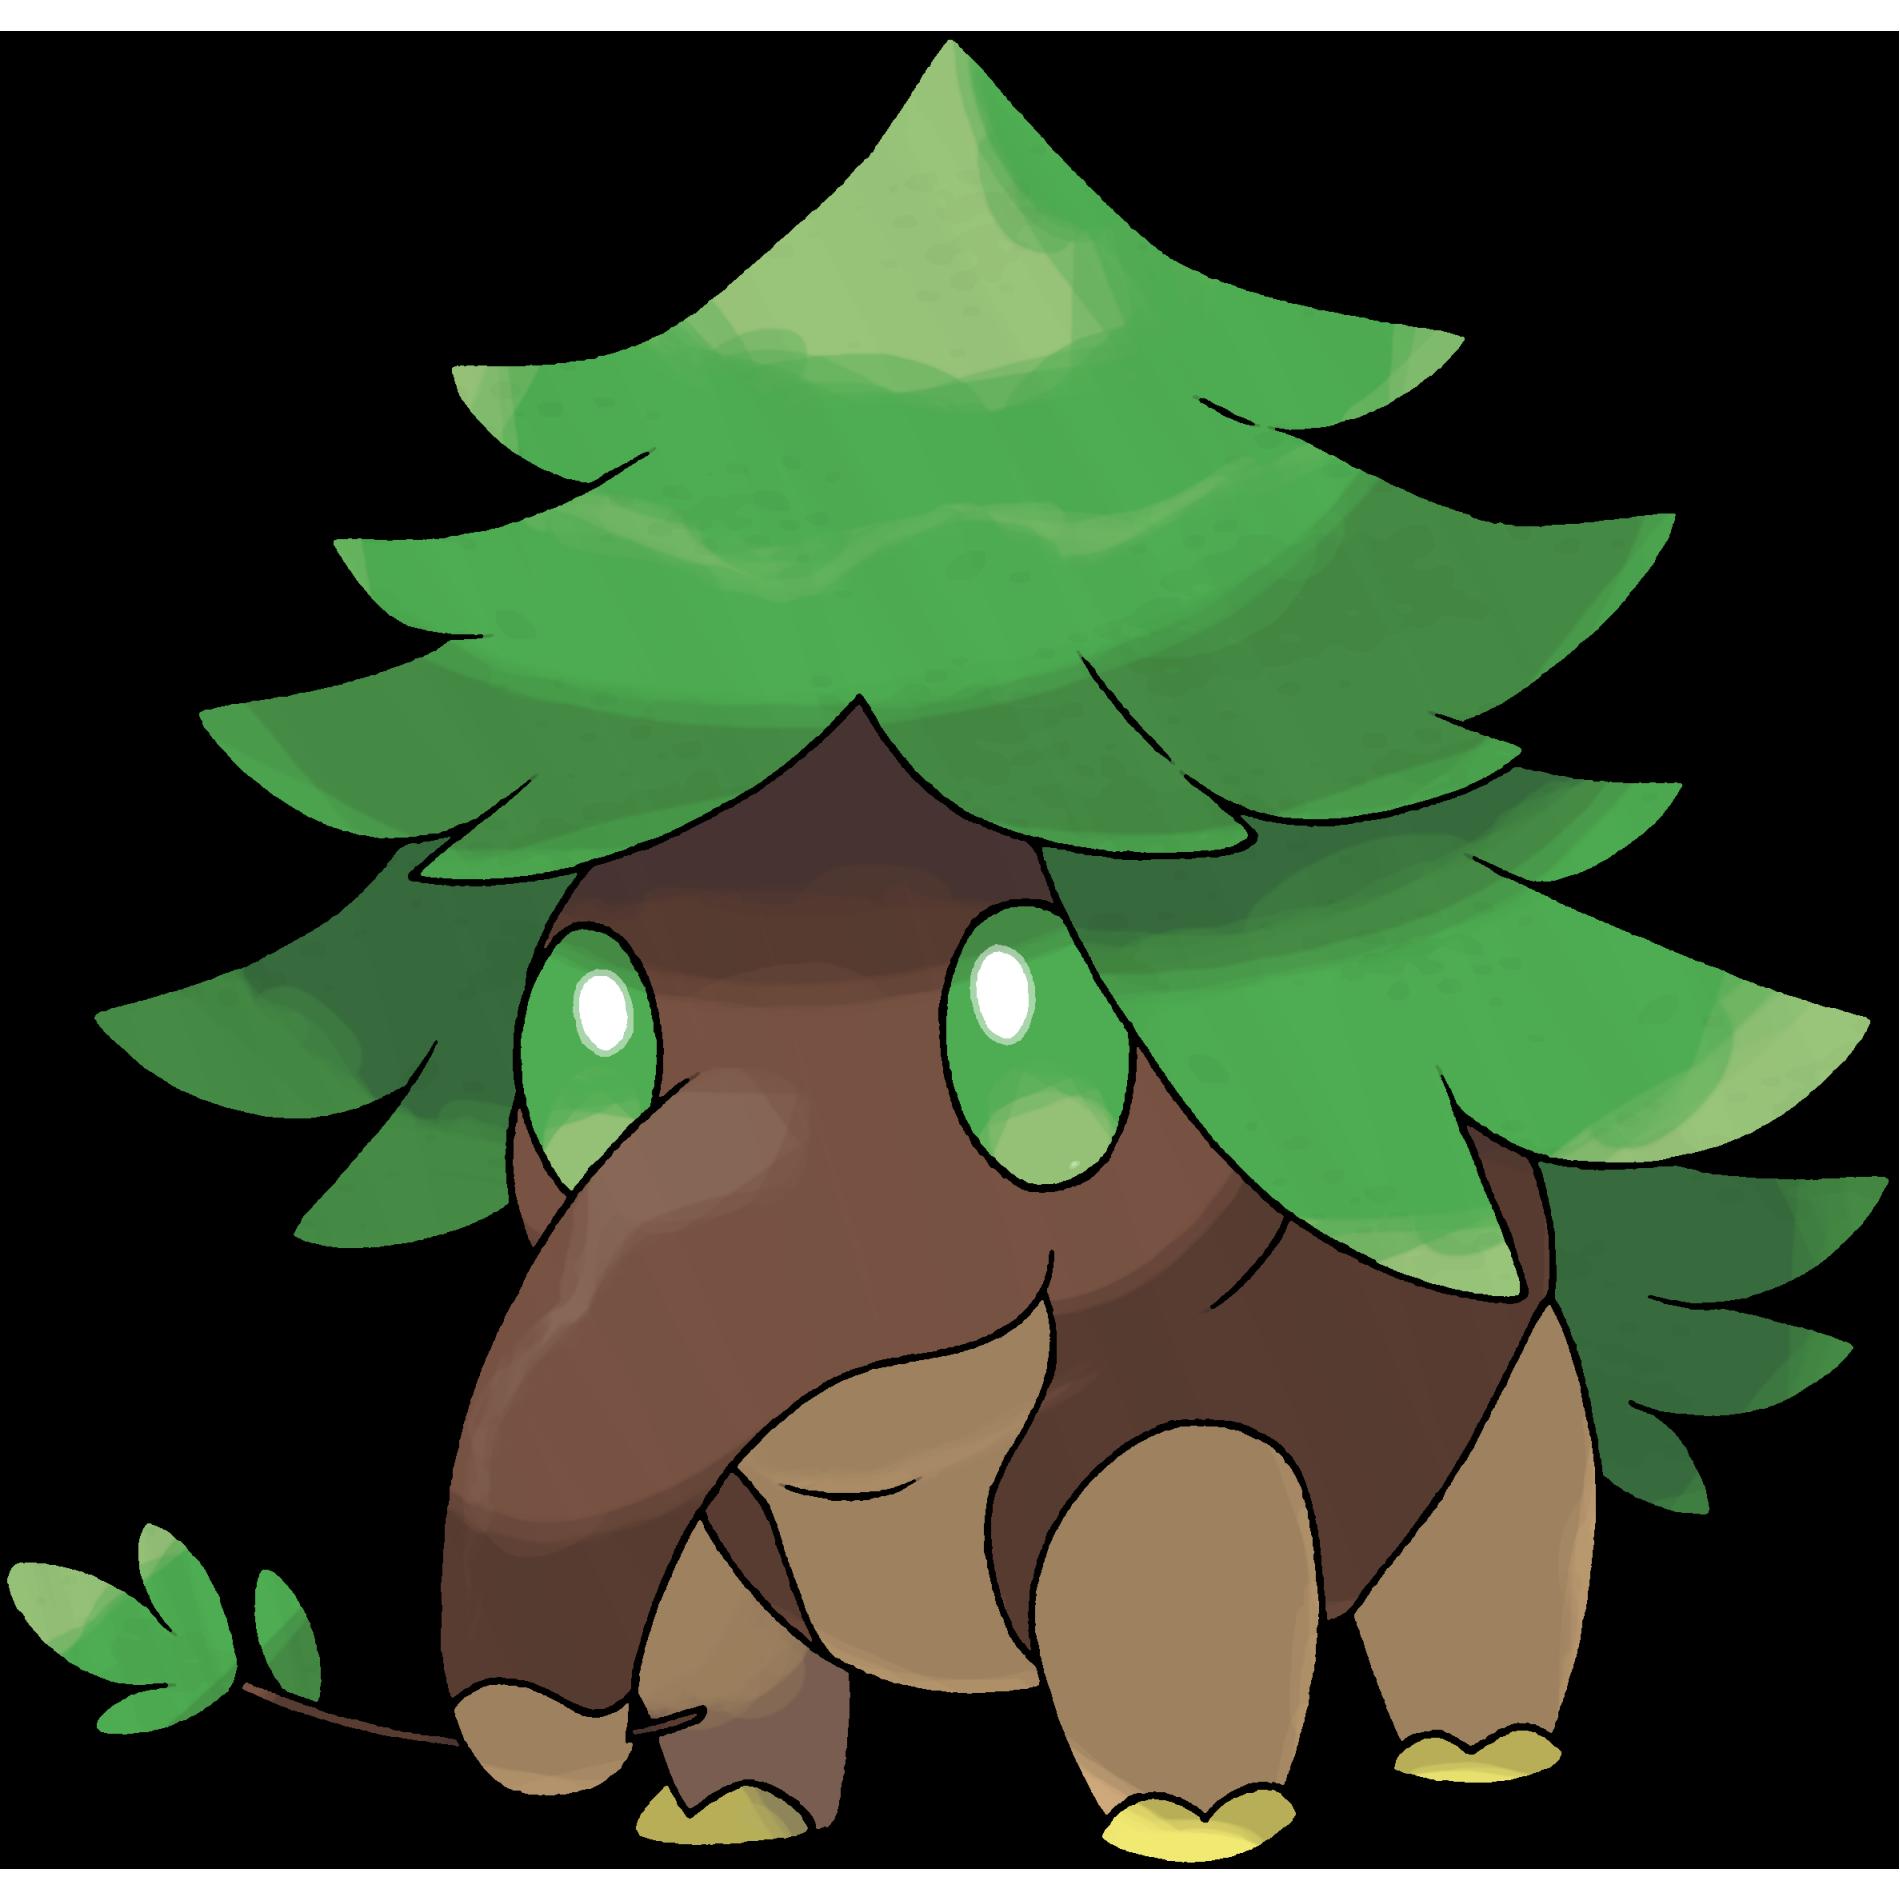 Alpint capx wiki fandom. Clipart grass elephant grass